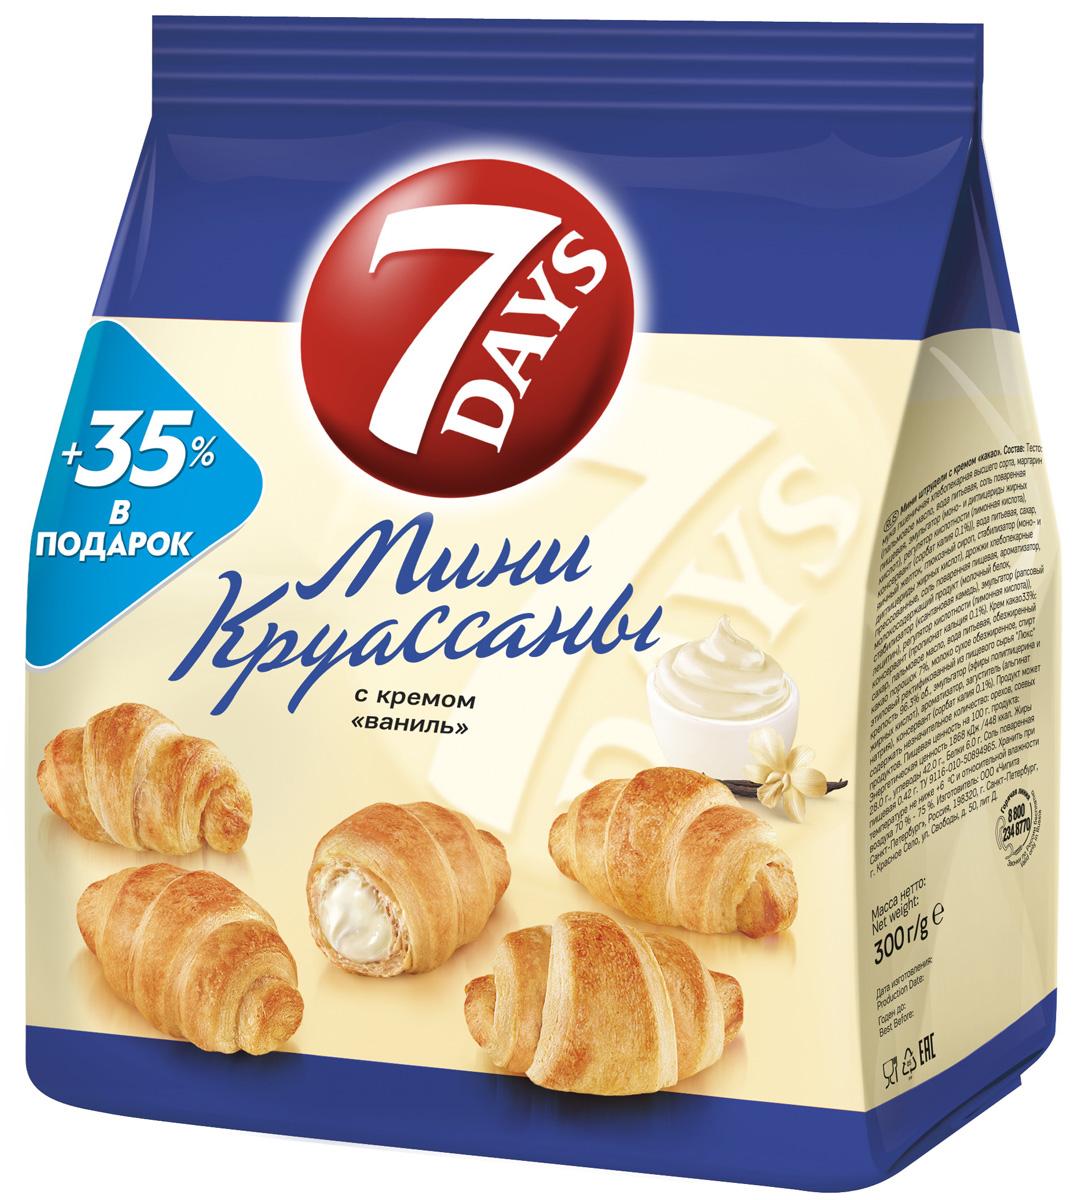 7DAYS Мини-круассаны с кремом Ваниль, 300 г mont blanc круассаны мини анжуйская клубника 200 г